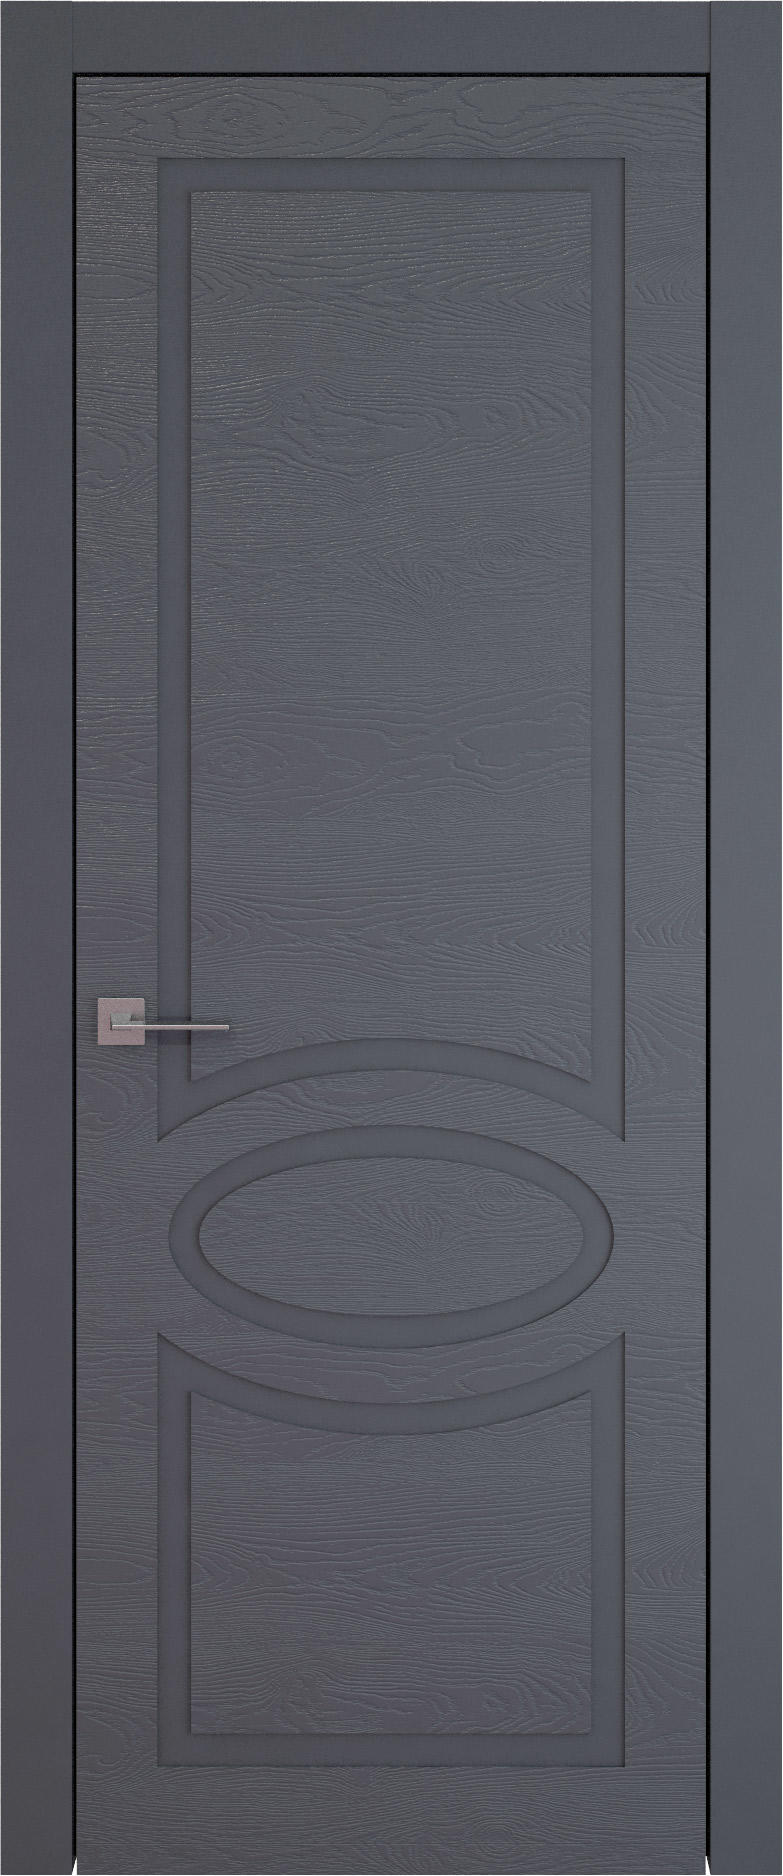 Tivoli Н-5 цвет - Графитово-серая эмаль по шпону (RAL 7024) Без стекла (ДГ)